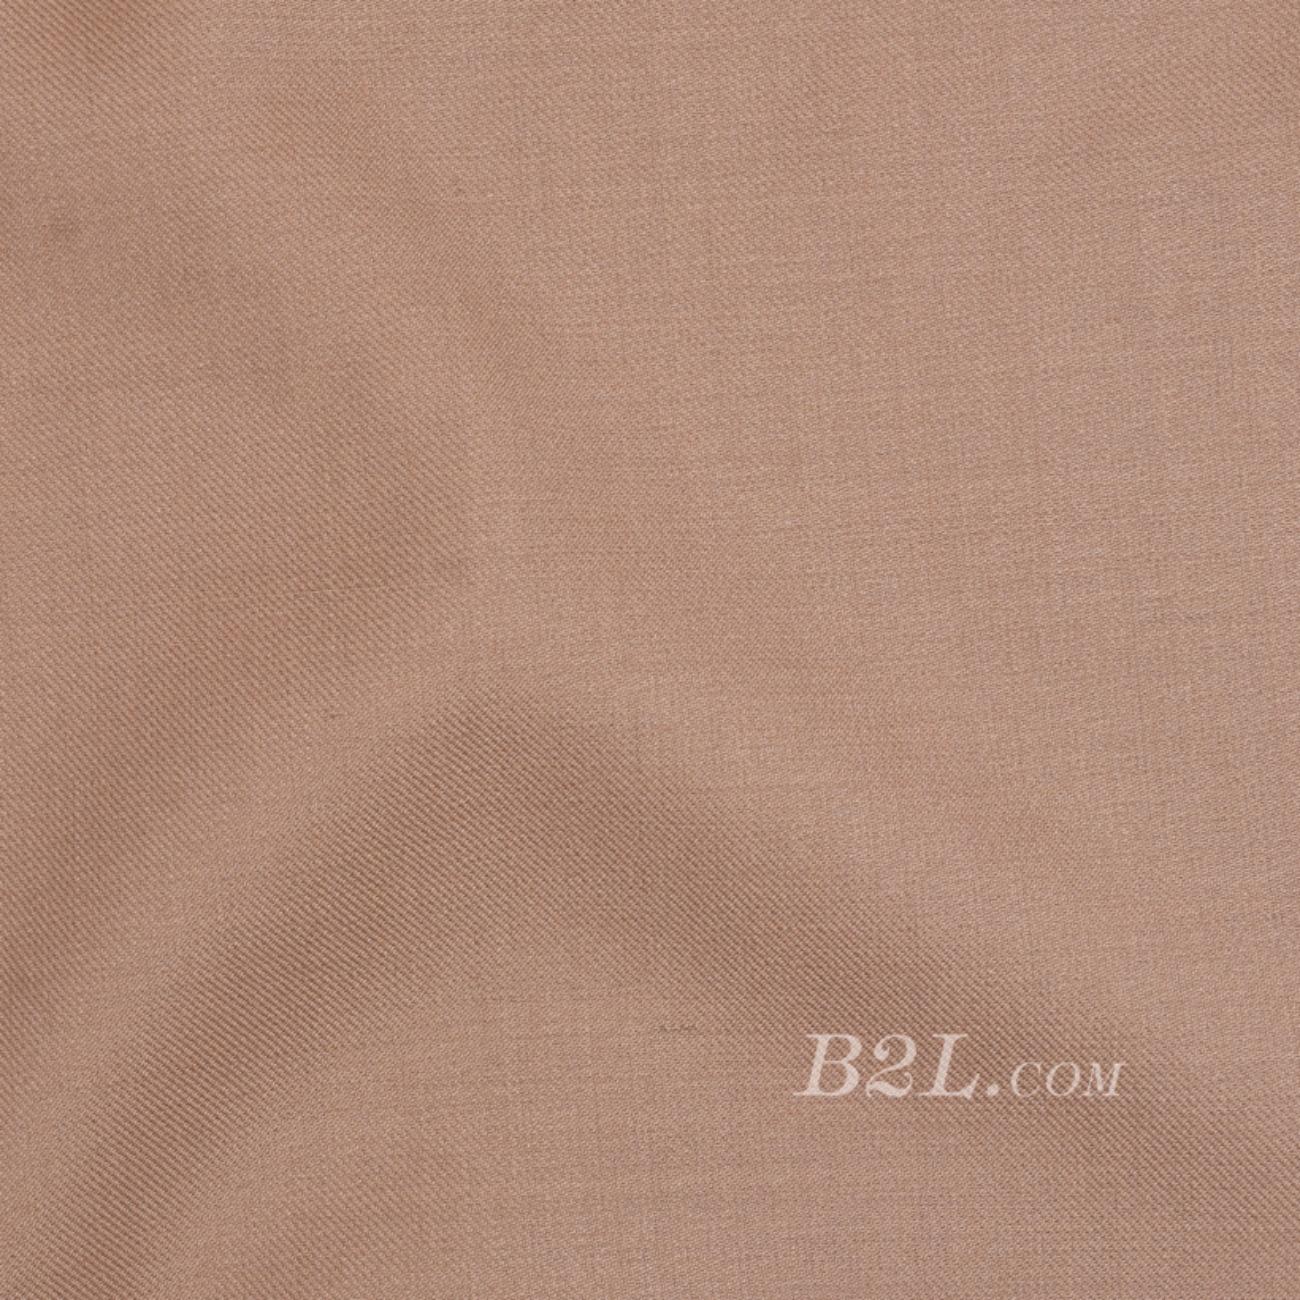 素色 梭織 染色 低彈 薄 春秋冬 時裝 外套 90226-27